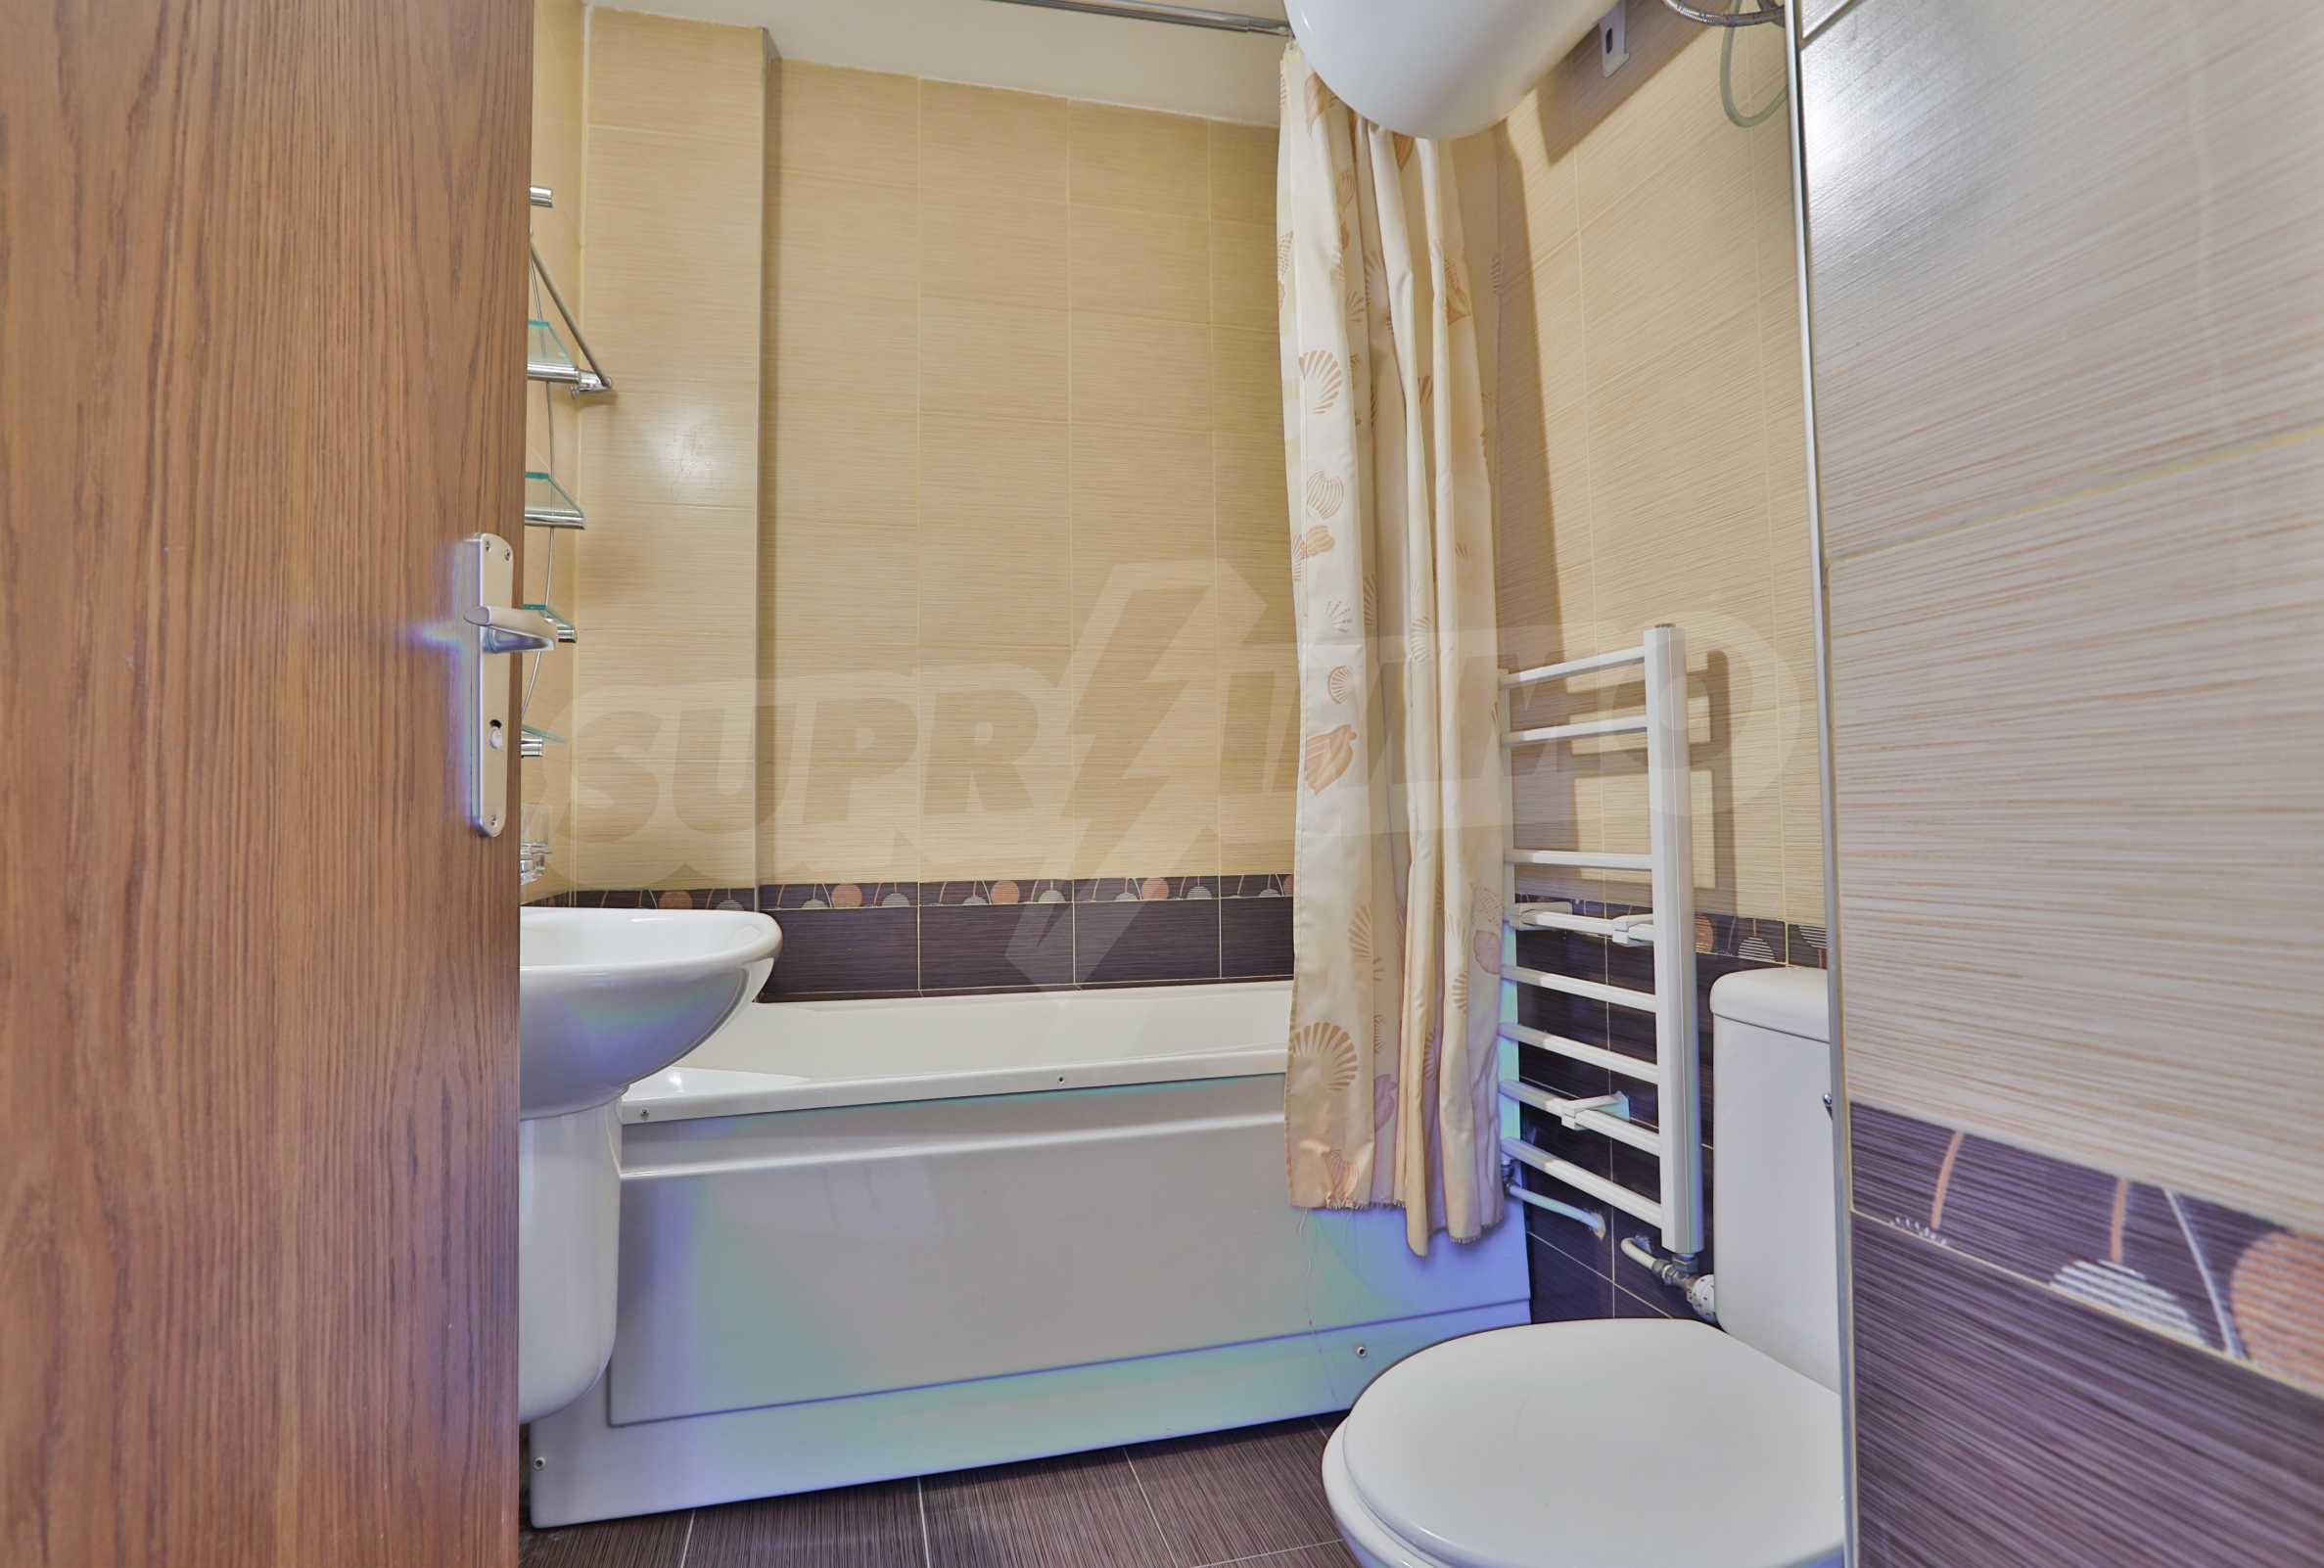 Едноспален апартамент намиращ се в един от най-известните ски курорти - Банско 7